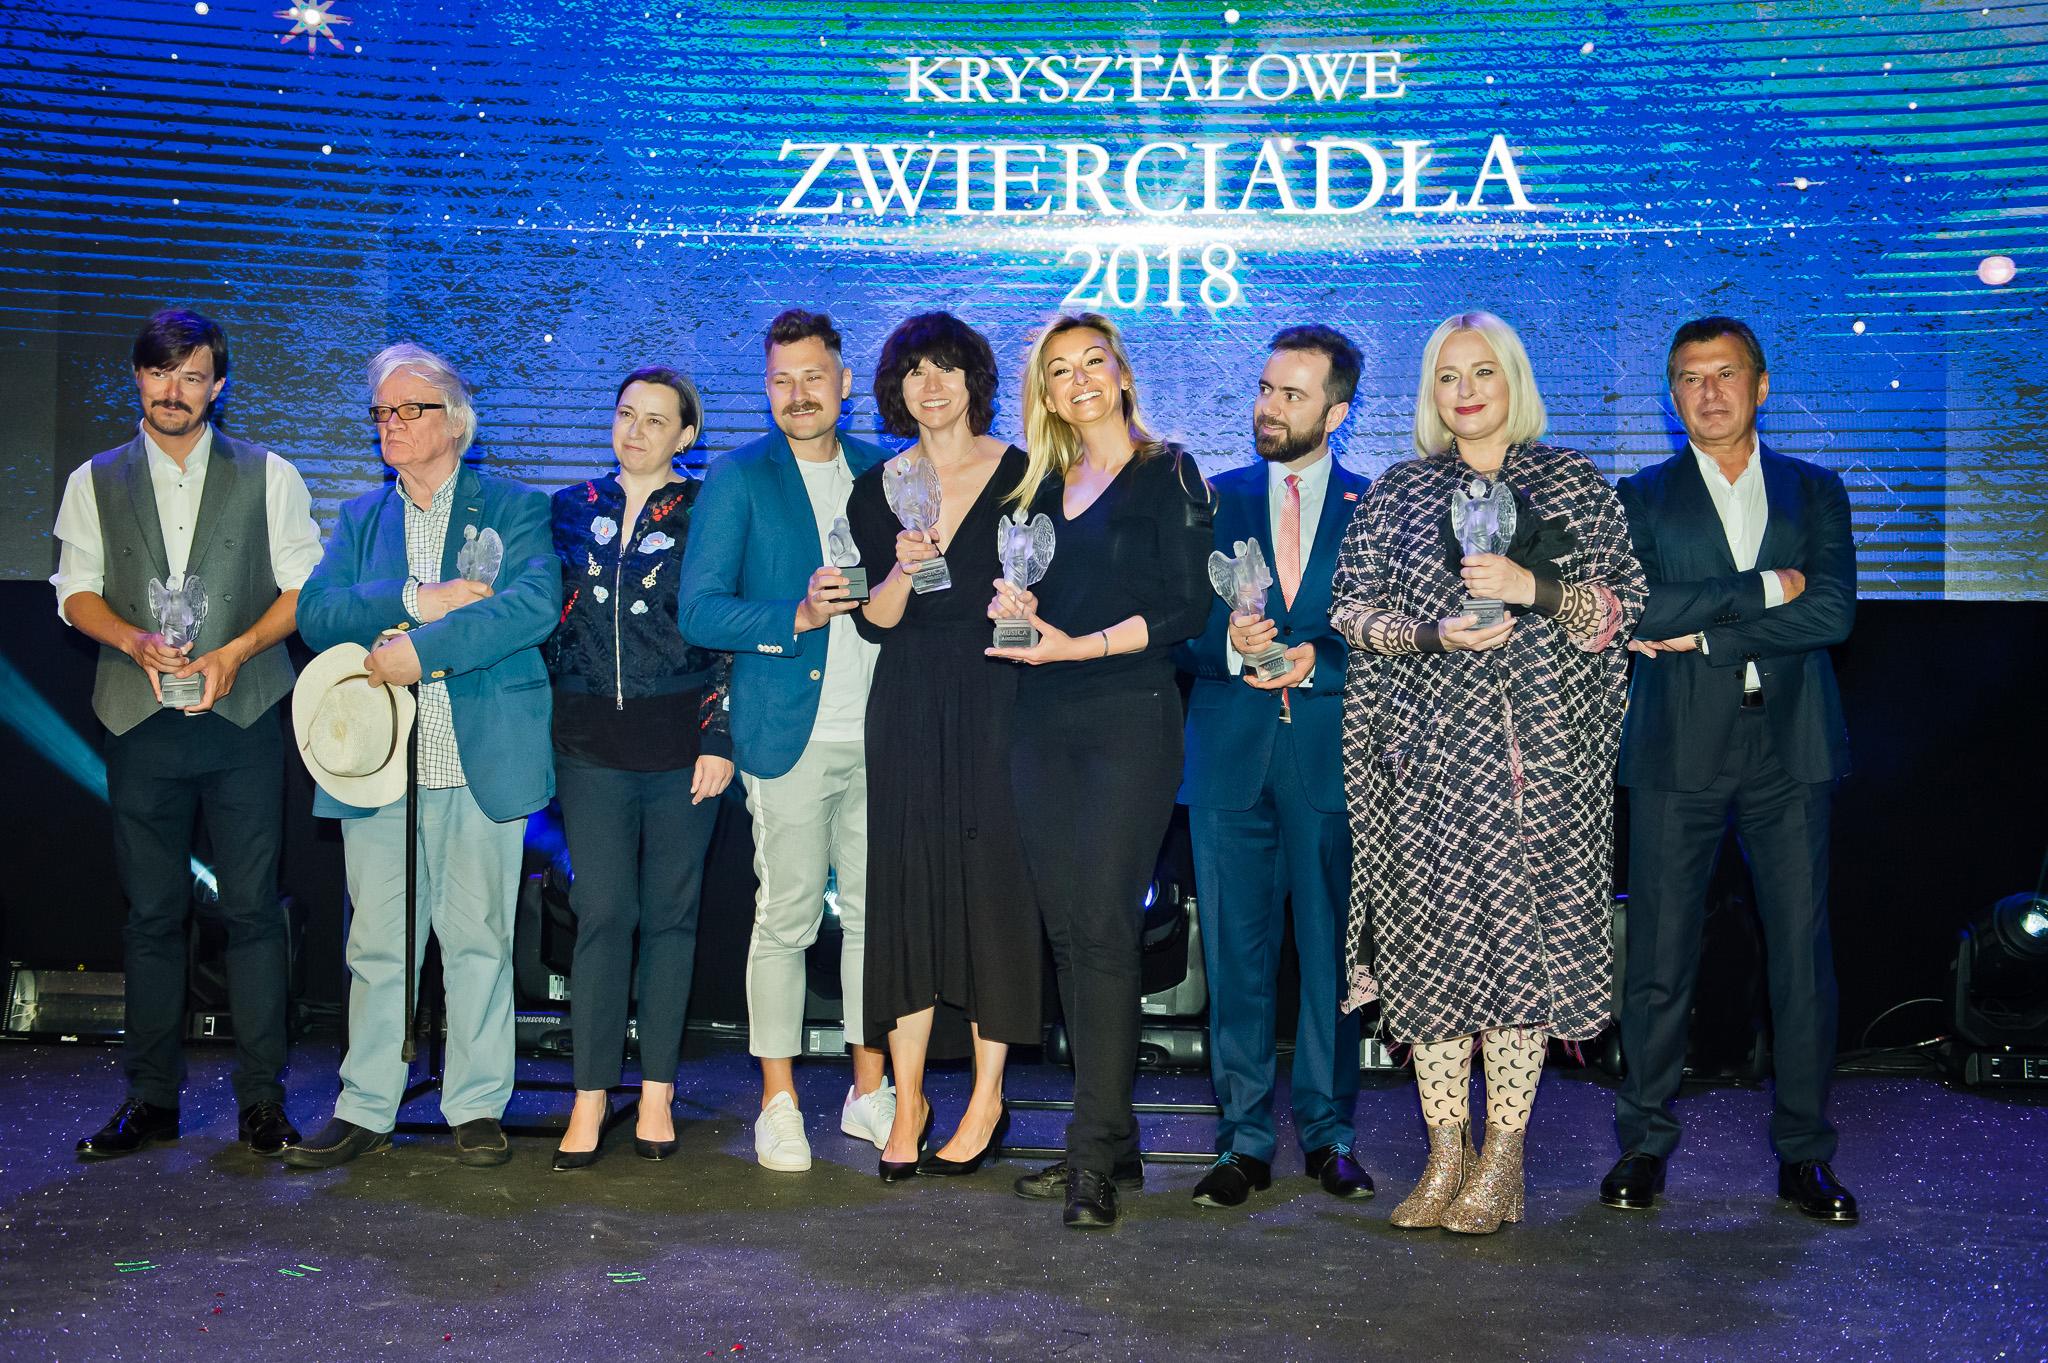 Kryształowe Zwierciadła 2018 dla Nosowskiej, Szumowskiej, Wojciechowskiej, Ogrodnika, Tygodnika Powszechnego i Józefa Wilkonia